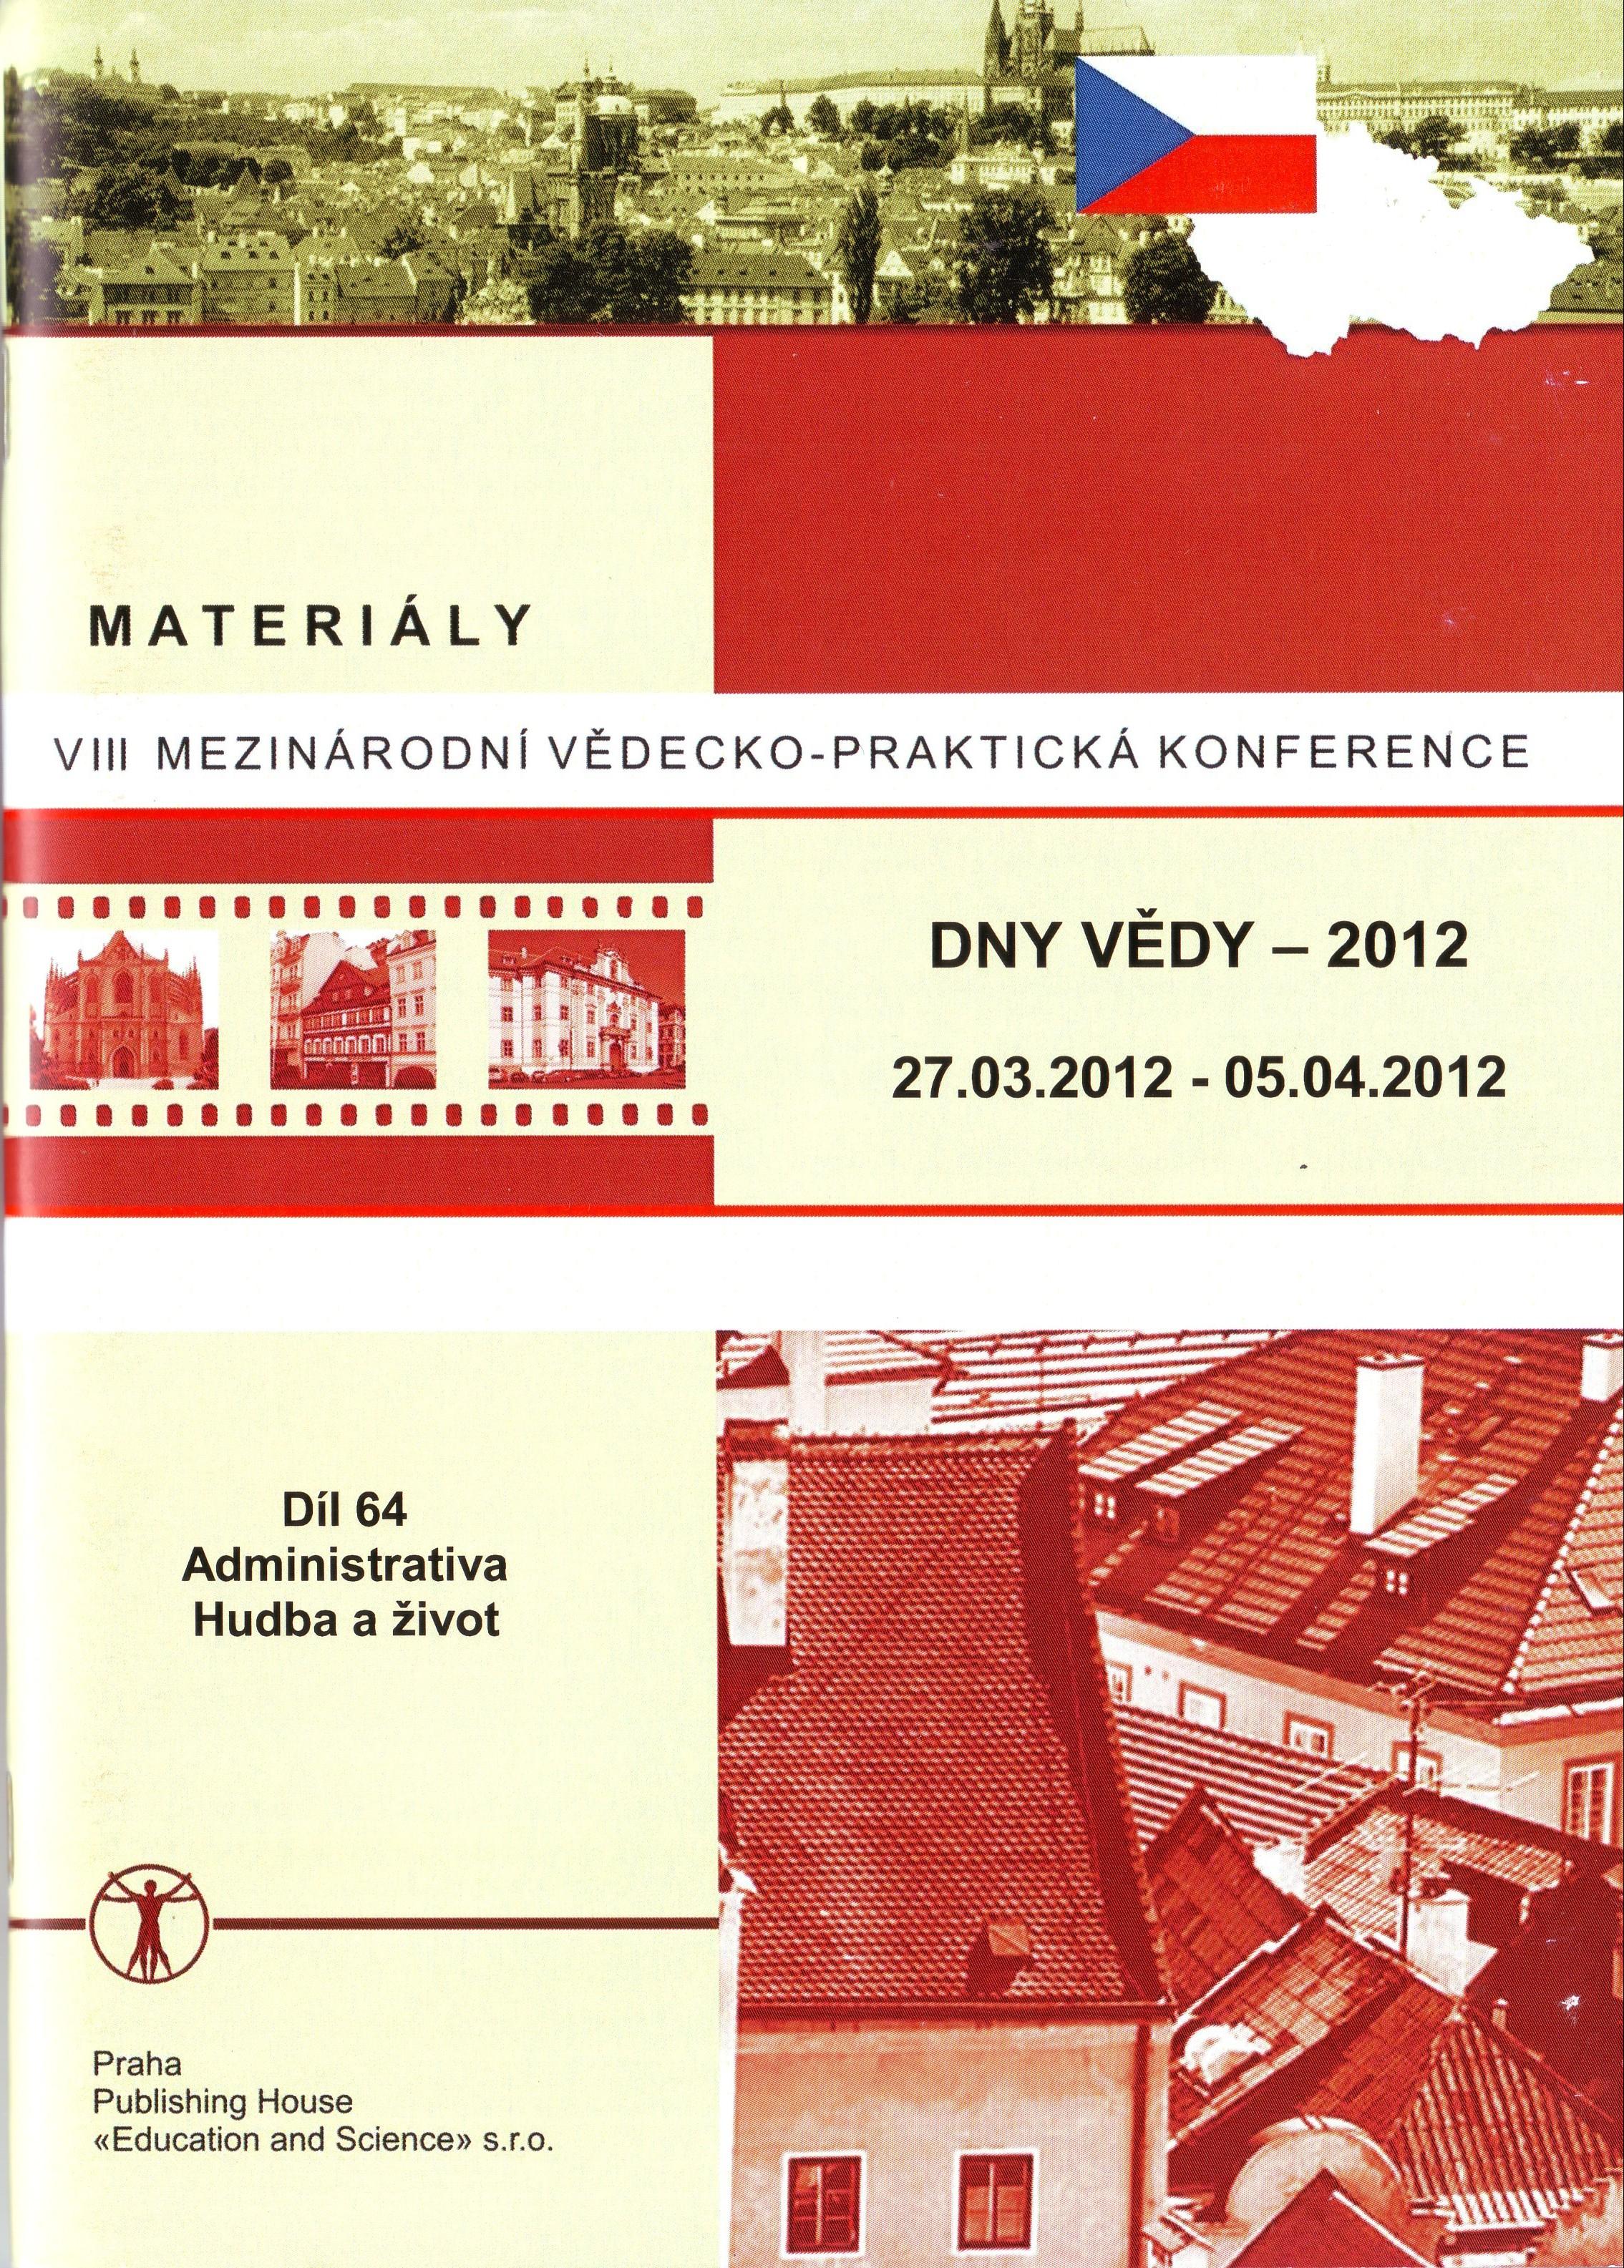 Dny vědy – 2012. Materiály VIII mezinárodní vědecko – praktická konference. Díl 64: Administrativa. Hudba a život